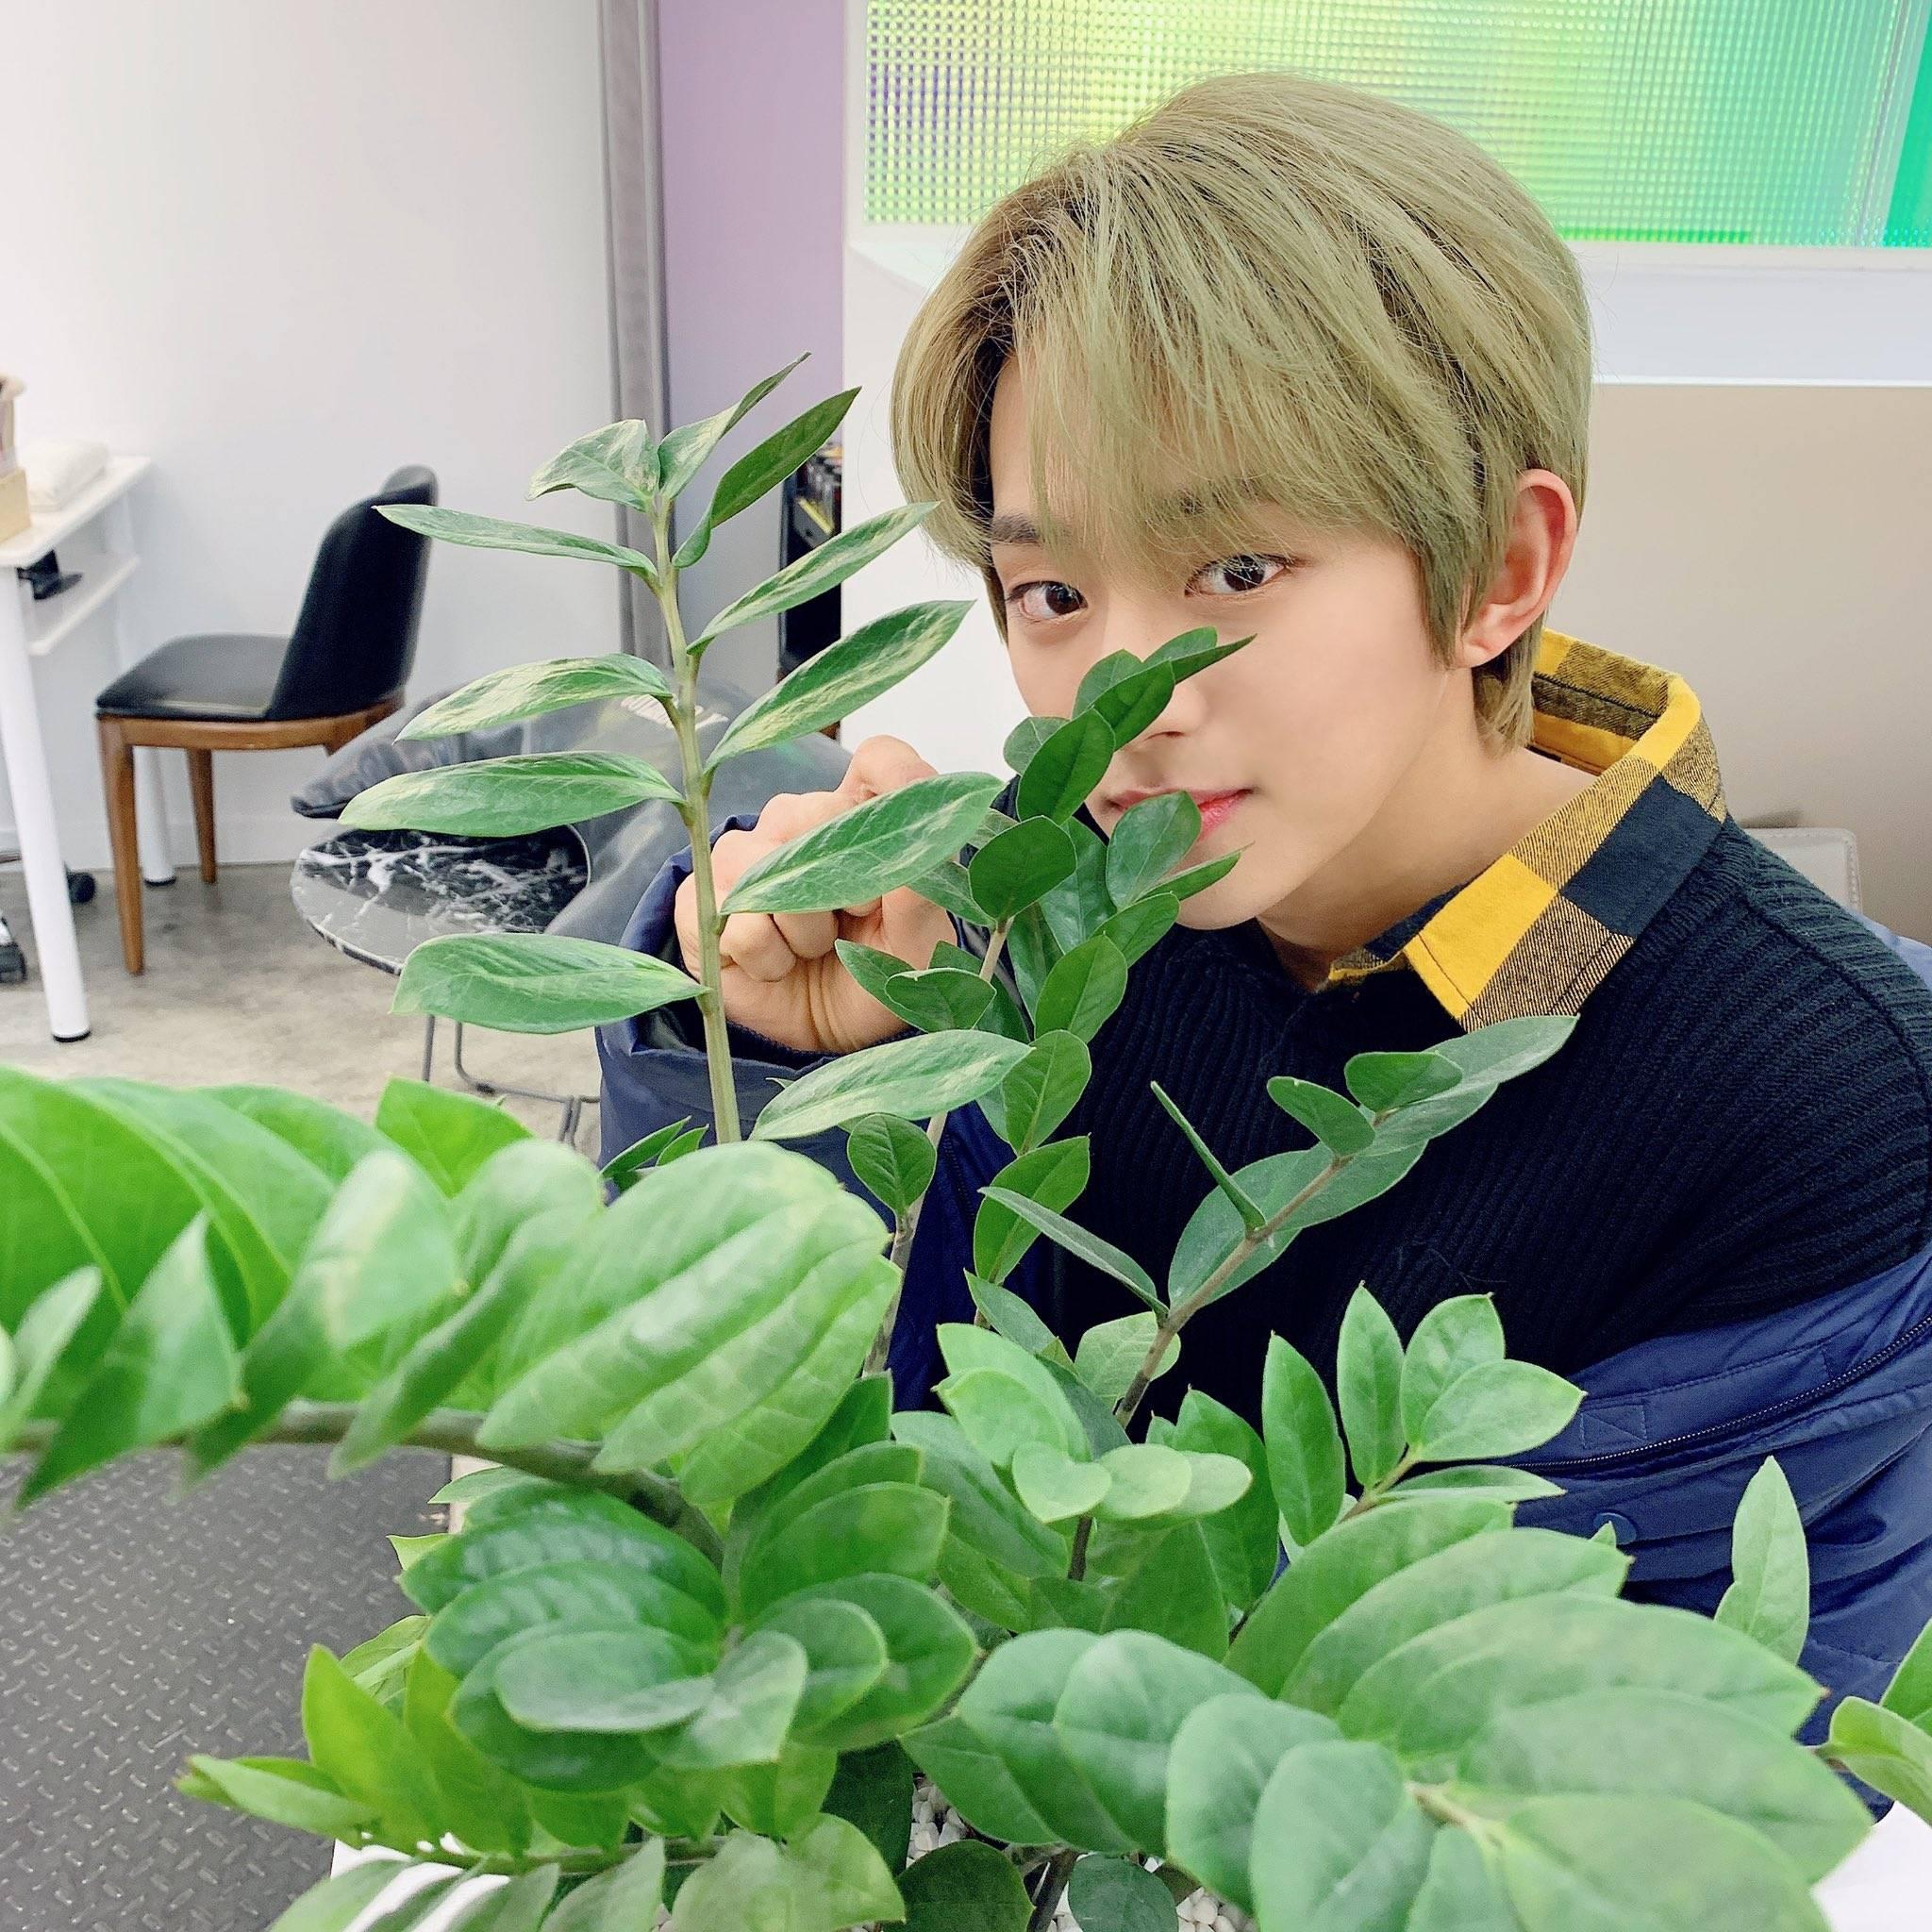 어울리기 힘들다는 초록머리로 데뷔한 아이돌.jpg | 인스티즈